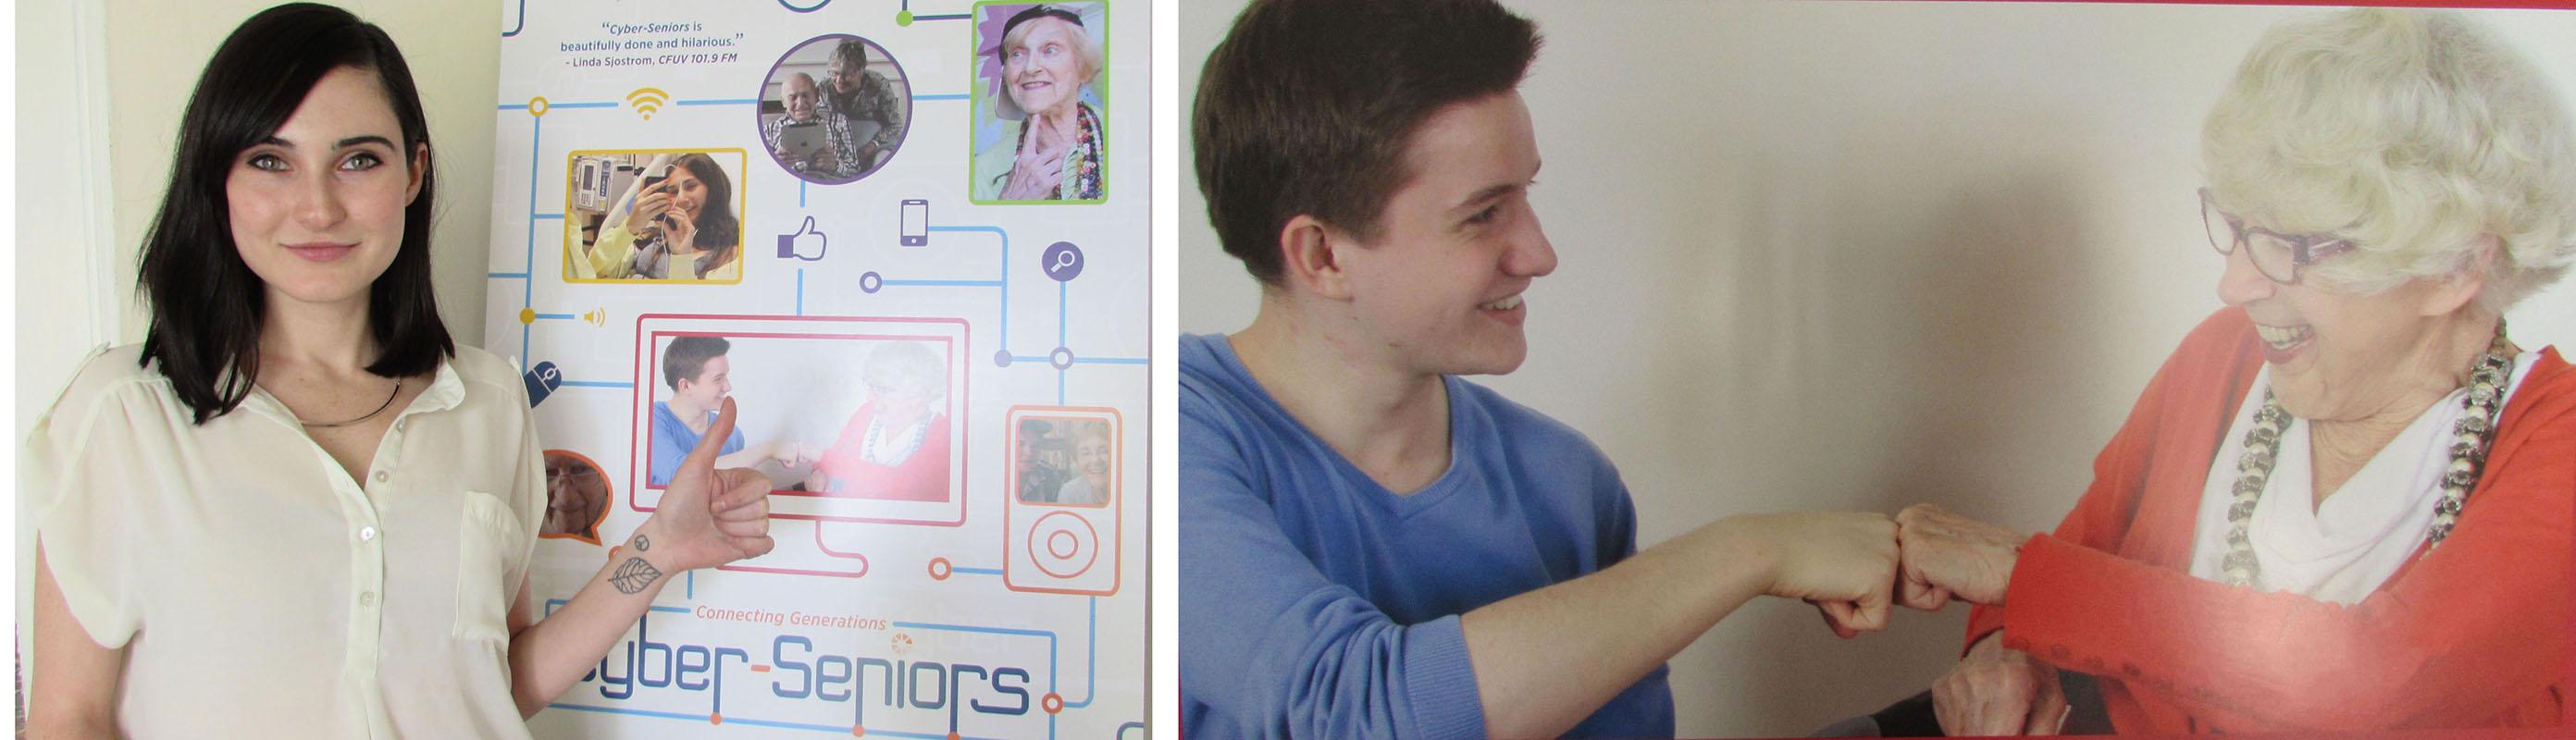 """Photo of È possibile imparare nella terza età ad usare la realtà virtuale ? Lo insegna il film '"""" Cyber-Seniors"""""""